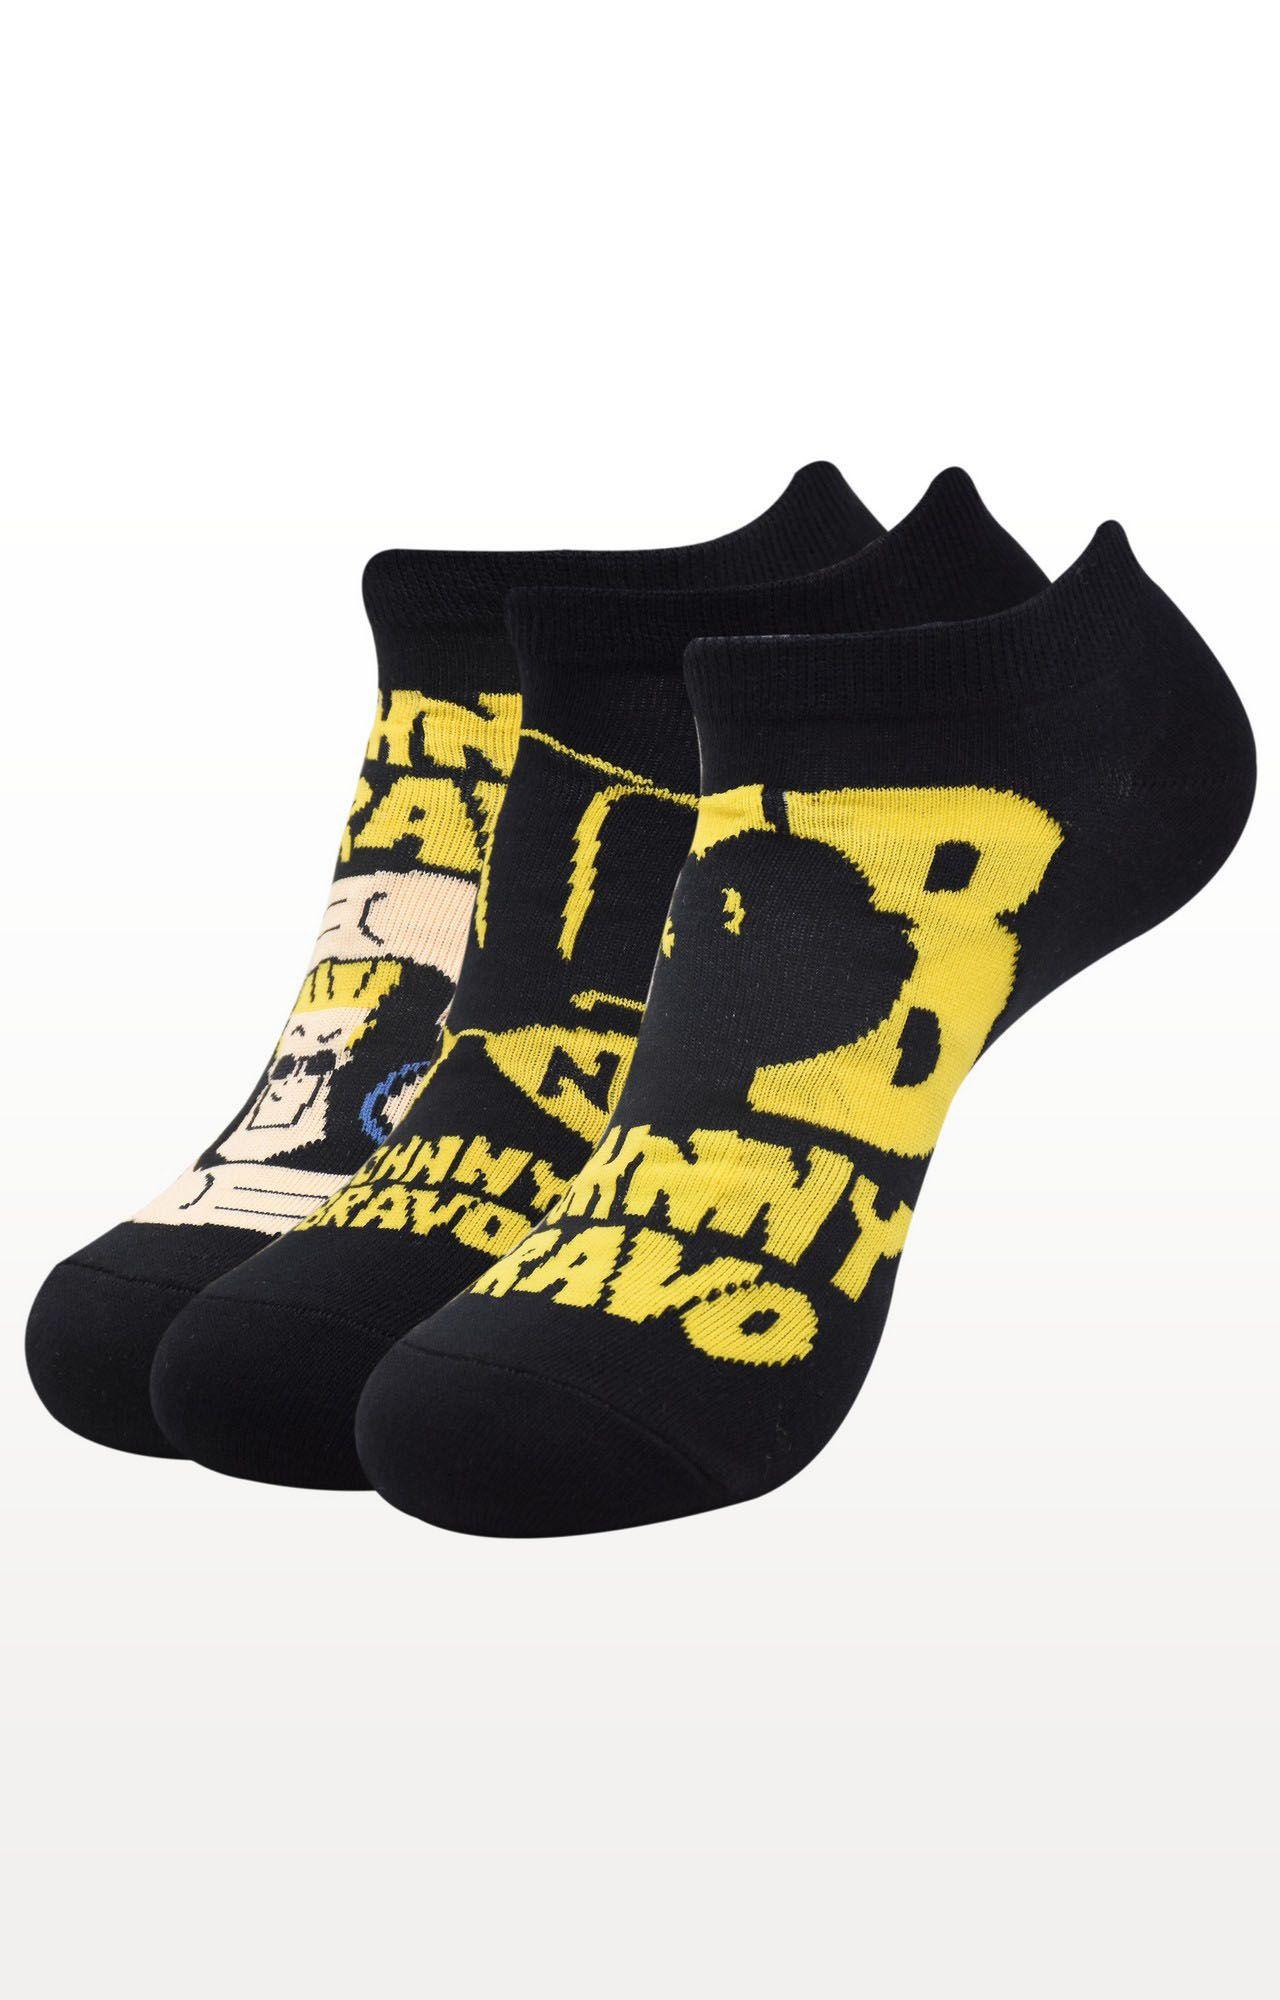 BALENZIA   Black Printed Socks - Pack of 3